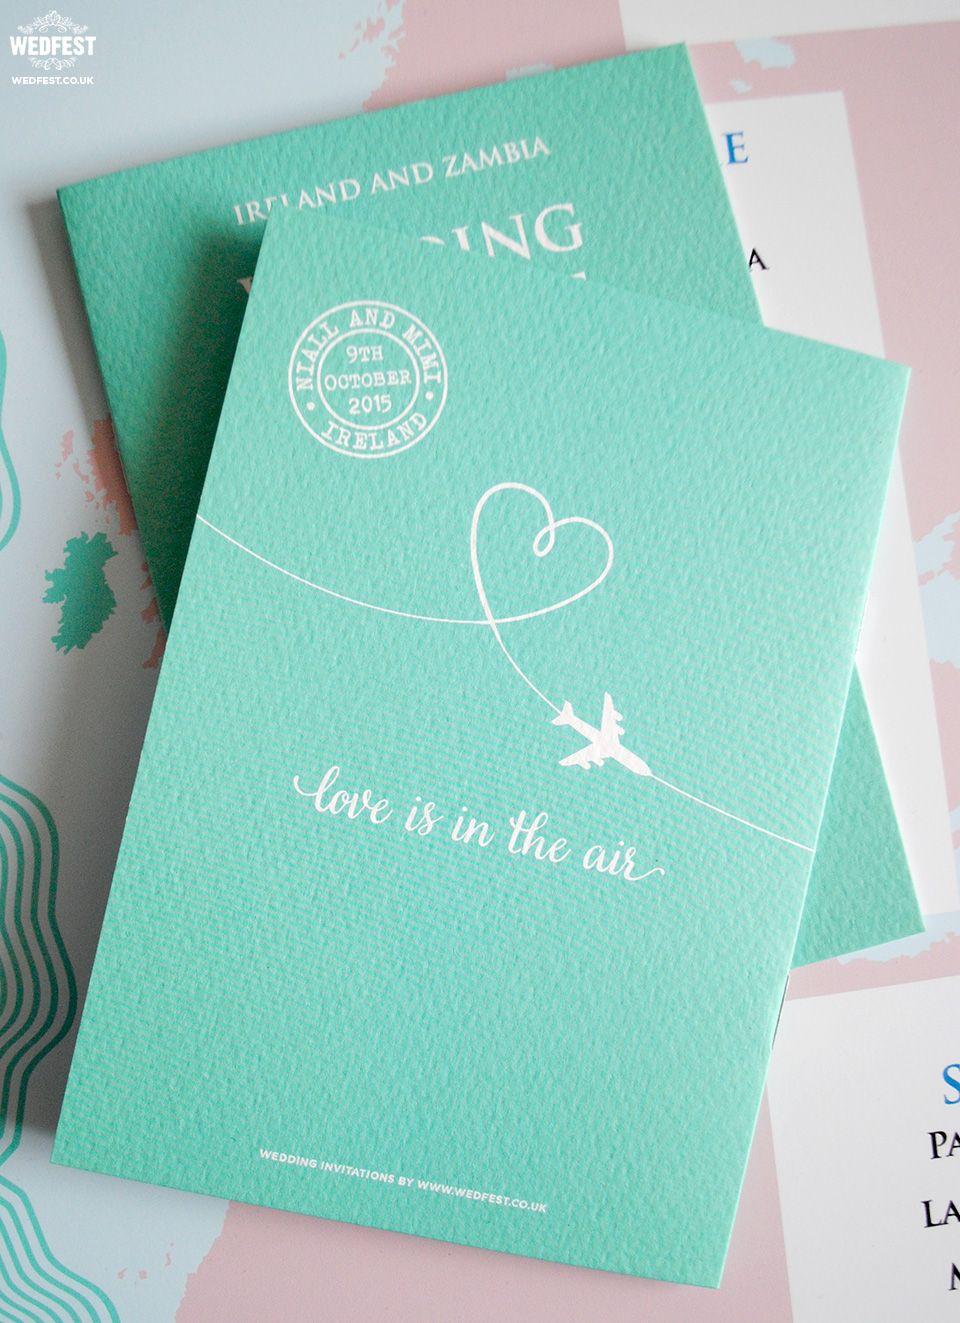 Wedding Passport Invite Http Www Wedfest Co Passport Wedding